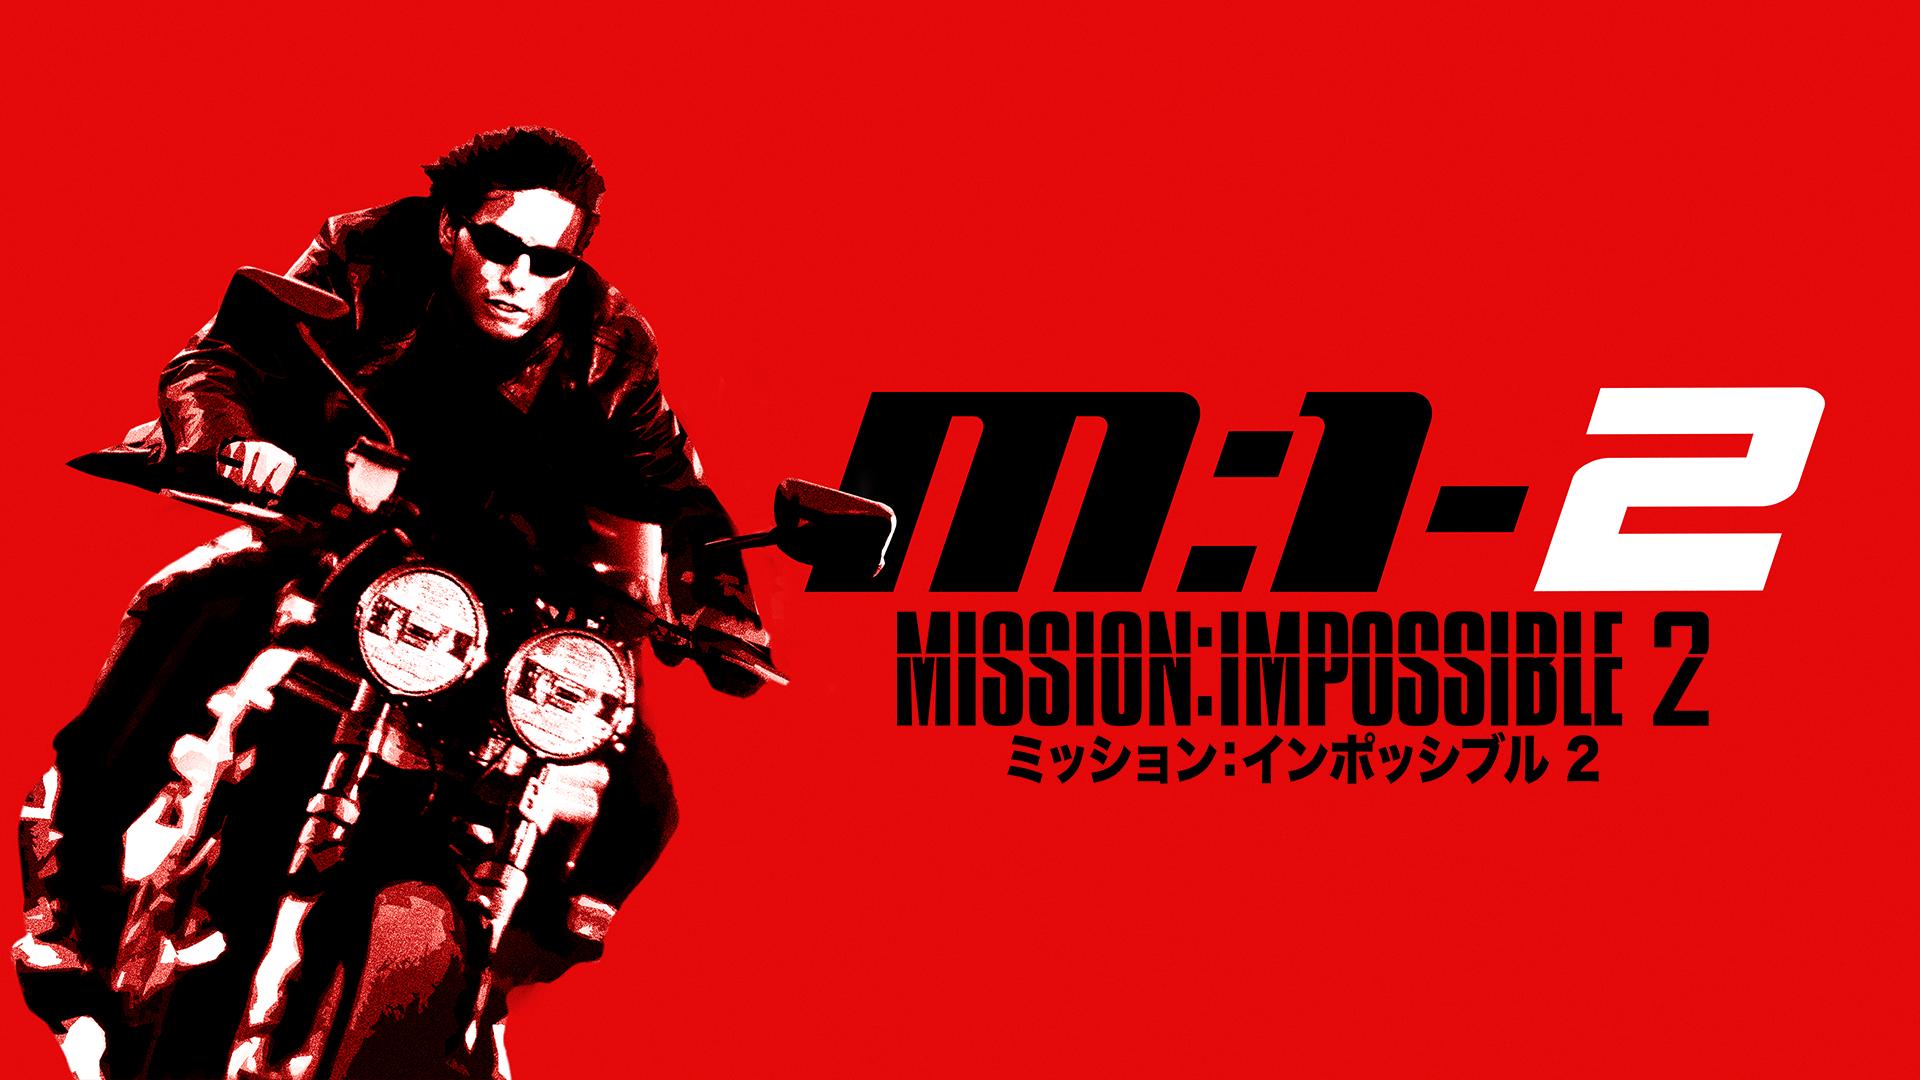 ミッション:インポッシブル2の動画 - ミッション:インポッシブル3